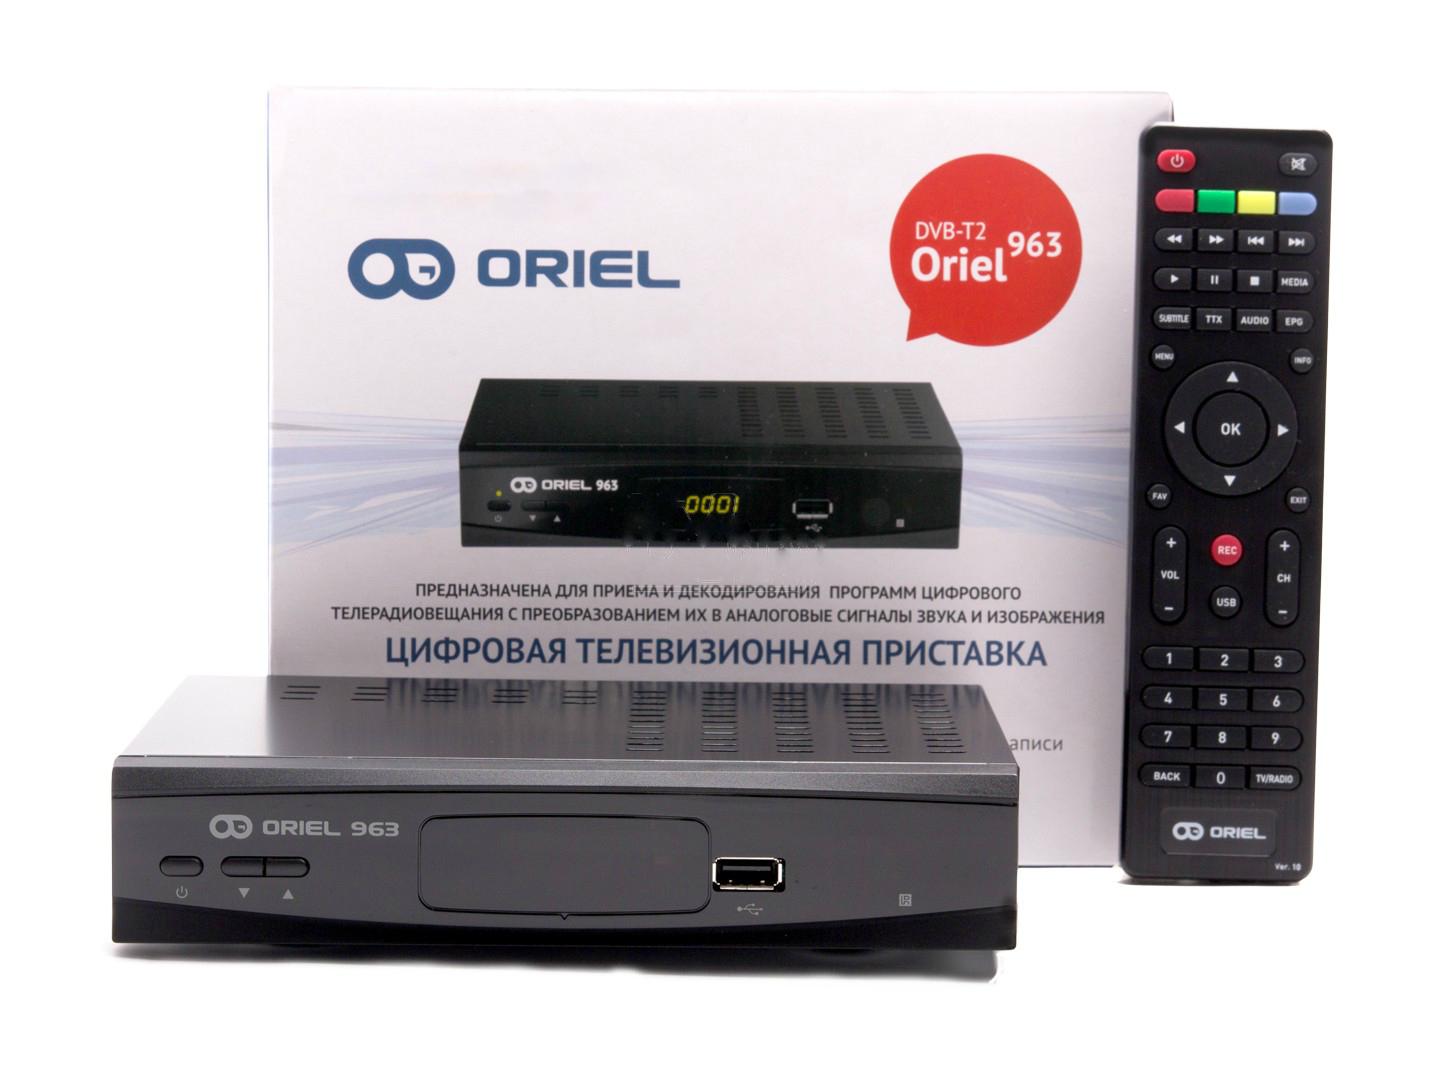 Цифровые ресиверы в Орле, цифровое телевидение в Орле, цифровые приемники в Орле